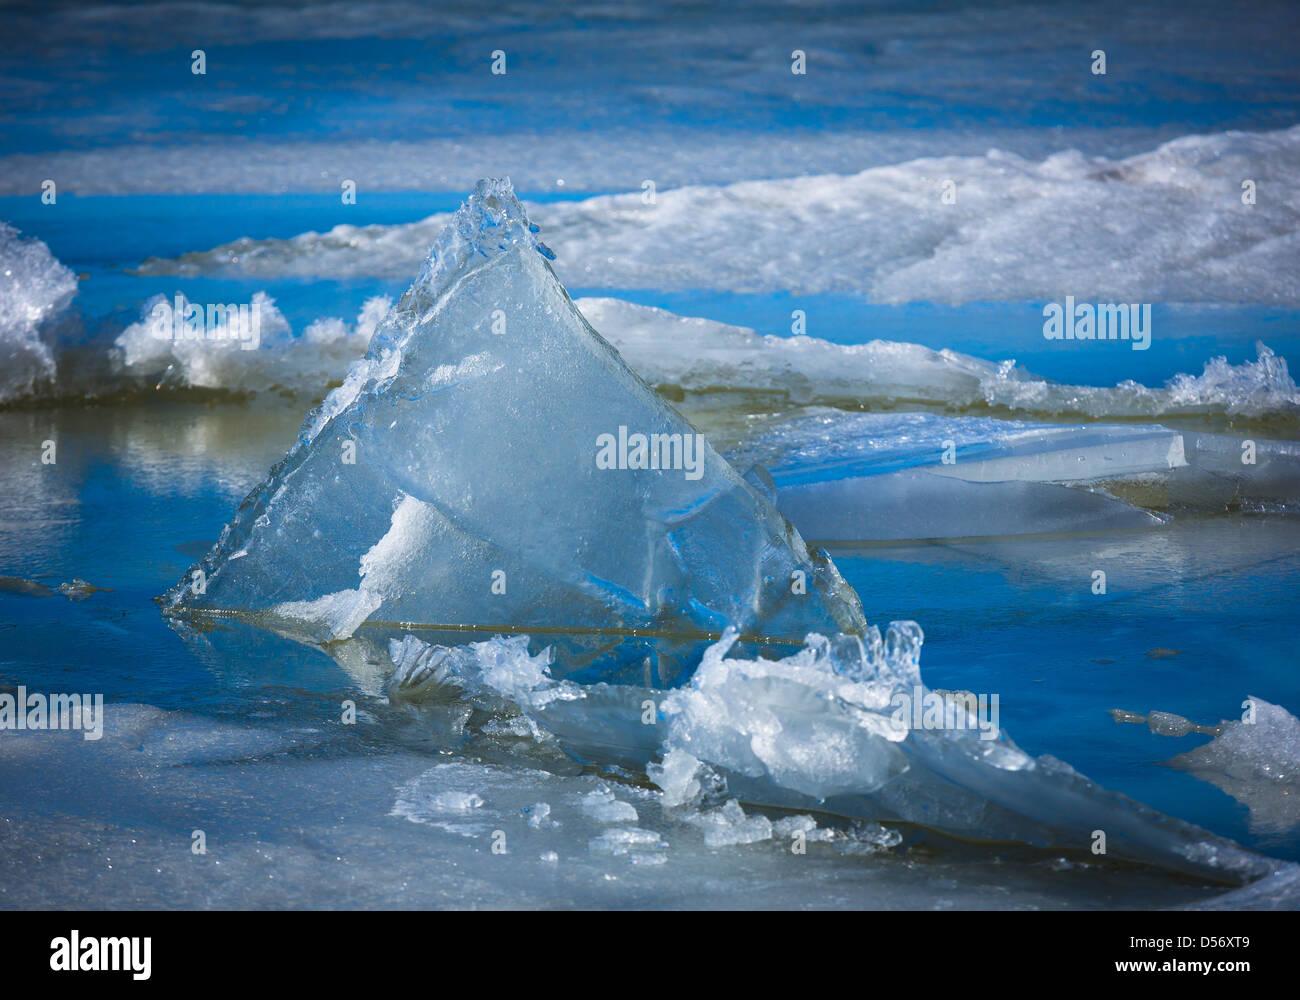 Triangulaire feuille de glace sur le lac Klamath supérieur dans le sud de l'Oregon Photo Stock